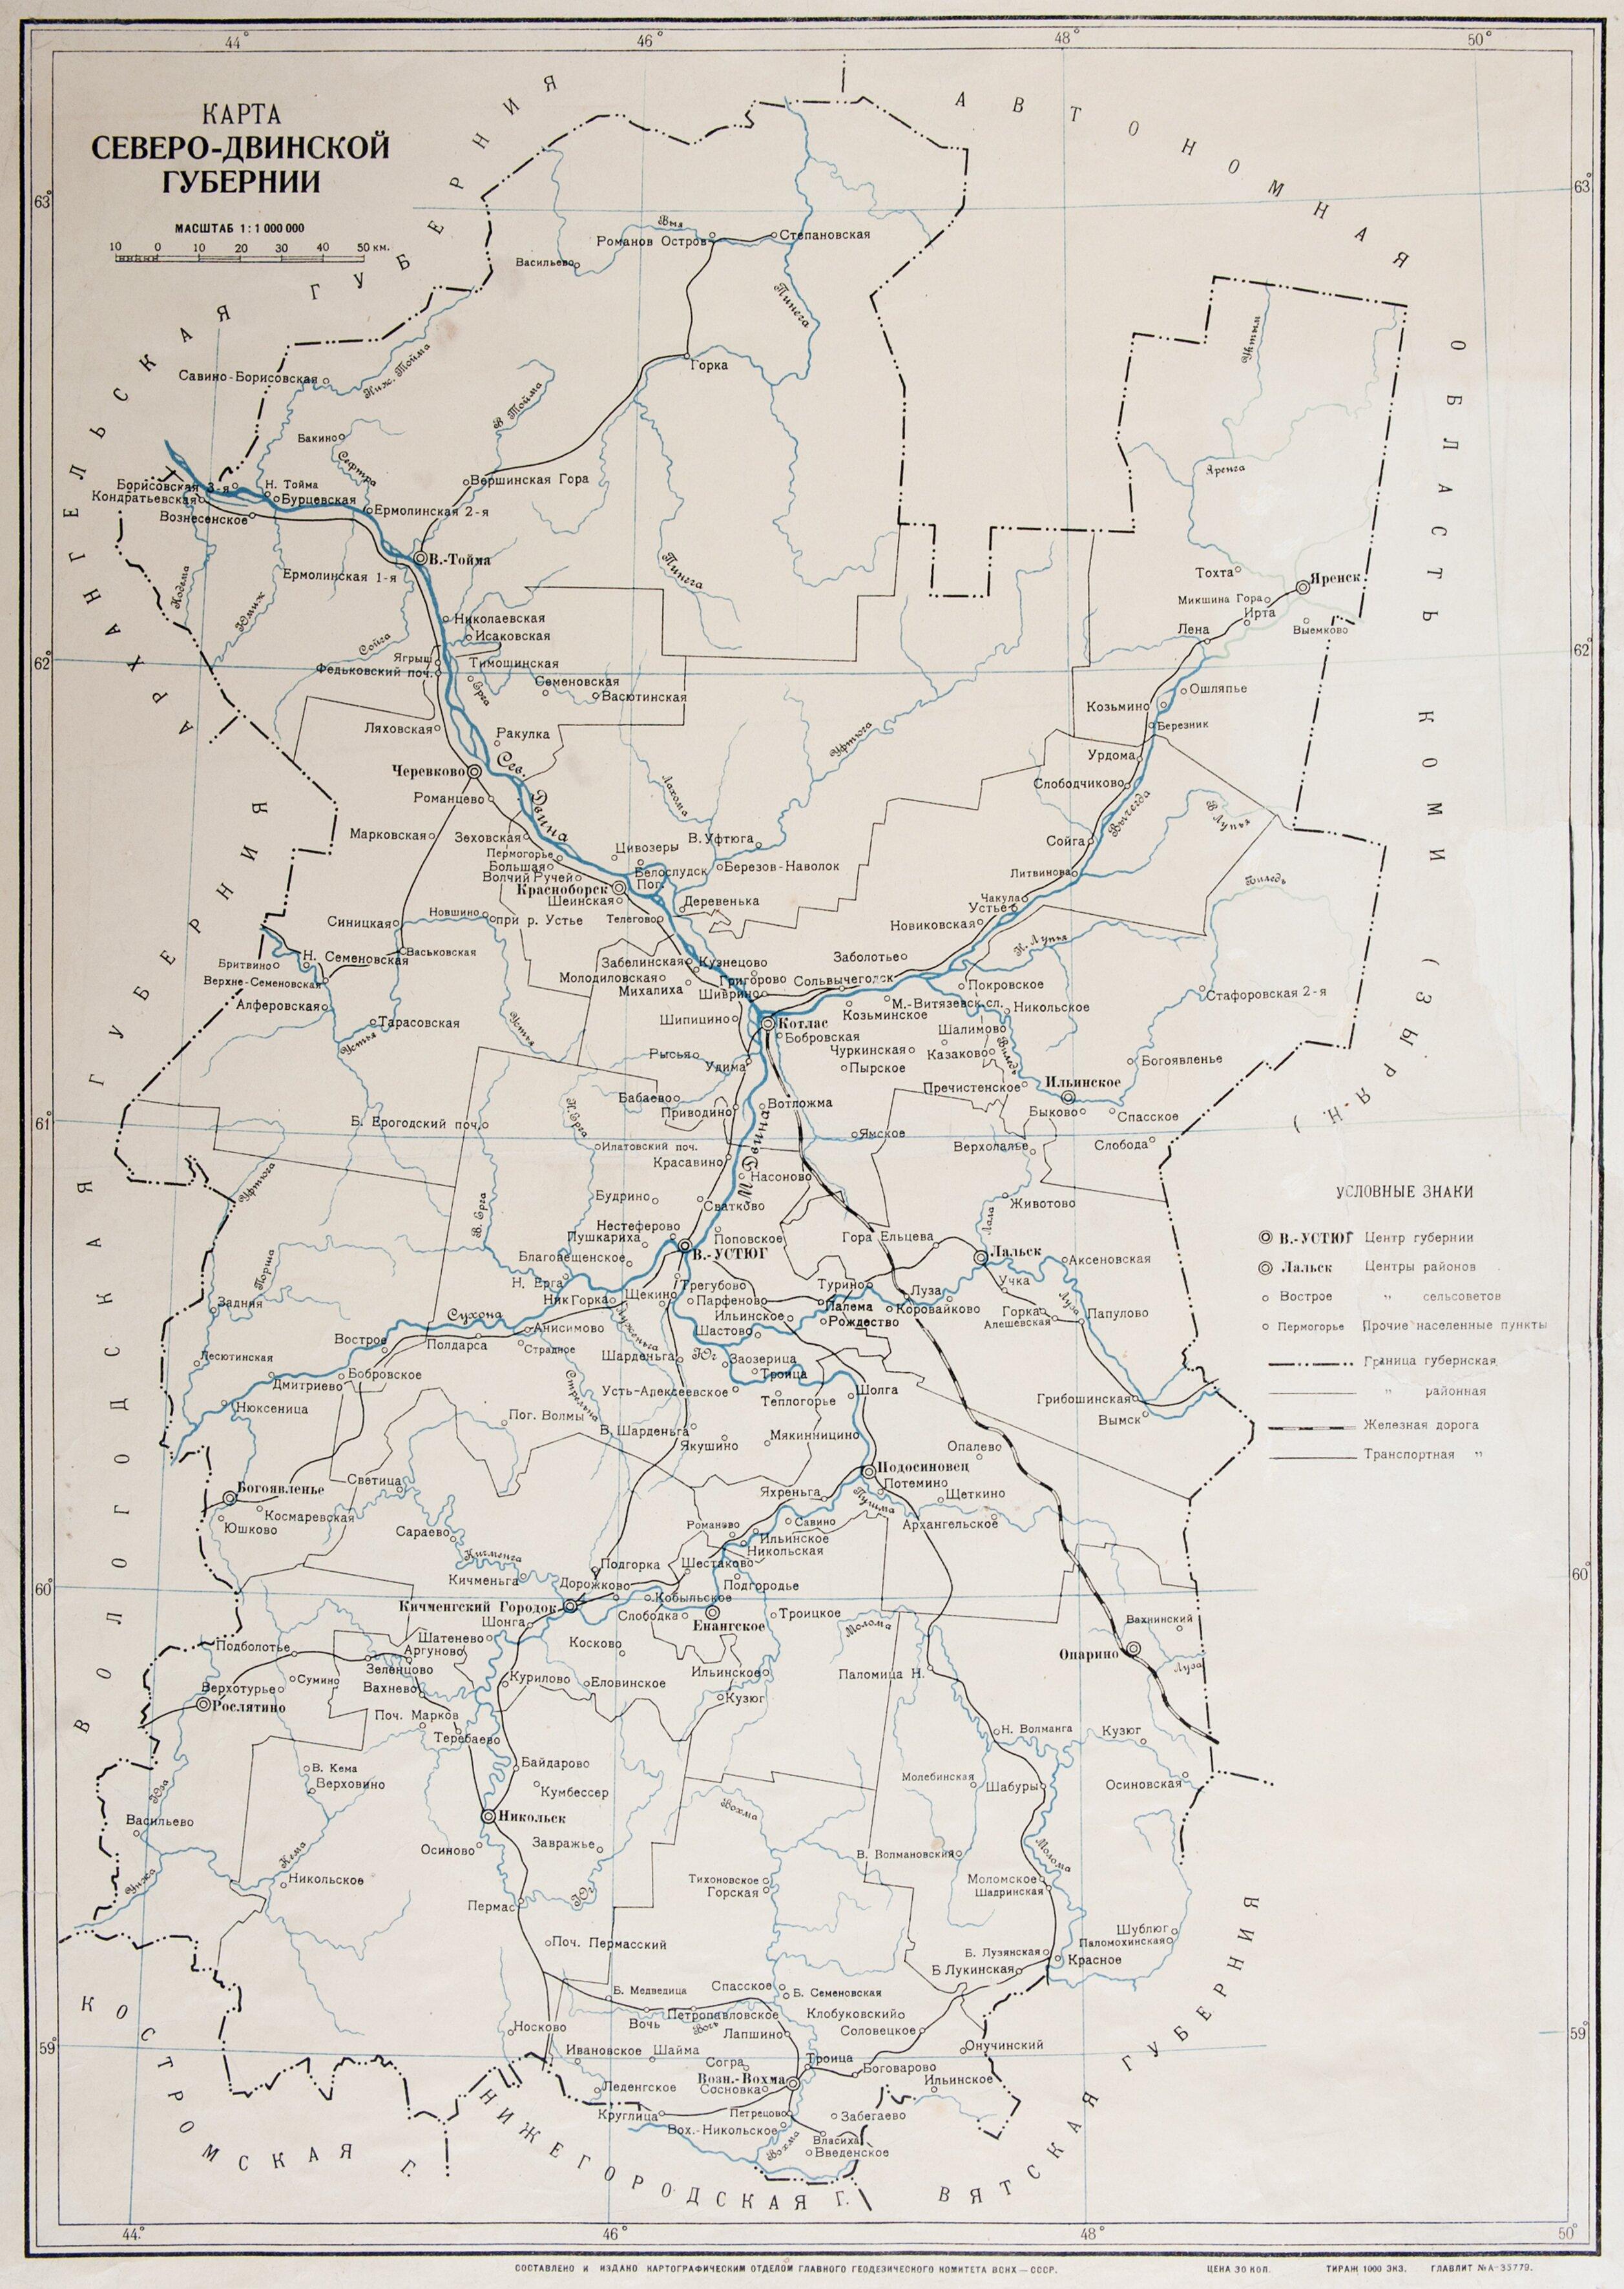 Карта Северо-Двинской губернии.1929г.